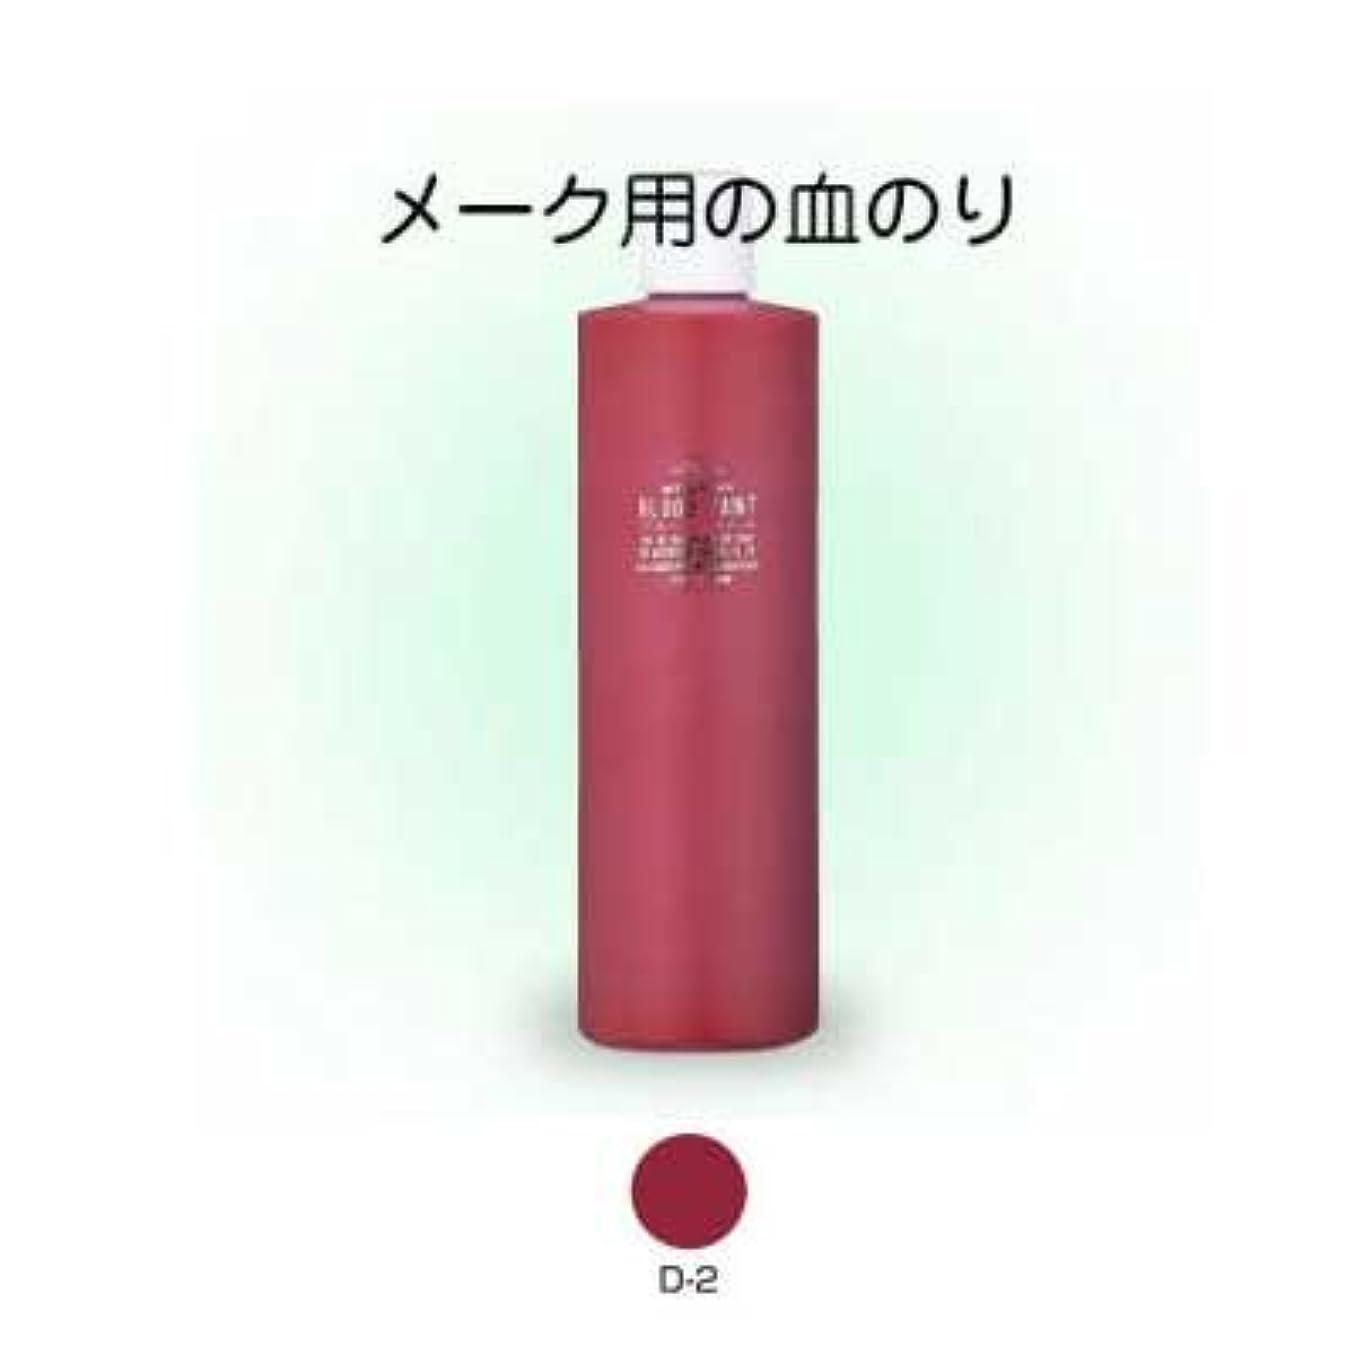 イベントマニアック条件付きブロードペイント(メークアップ用の血のり)500ml D-2【三善】